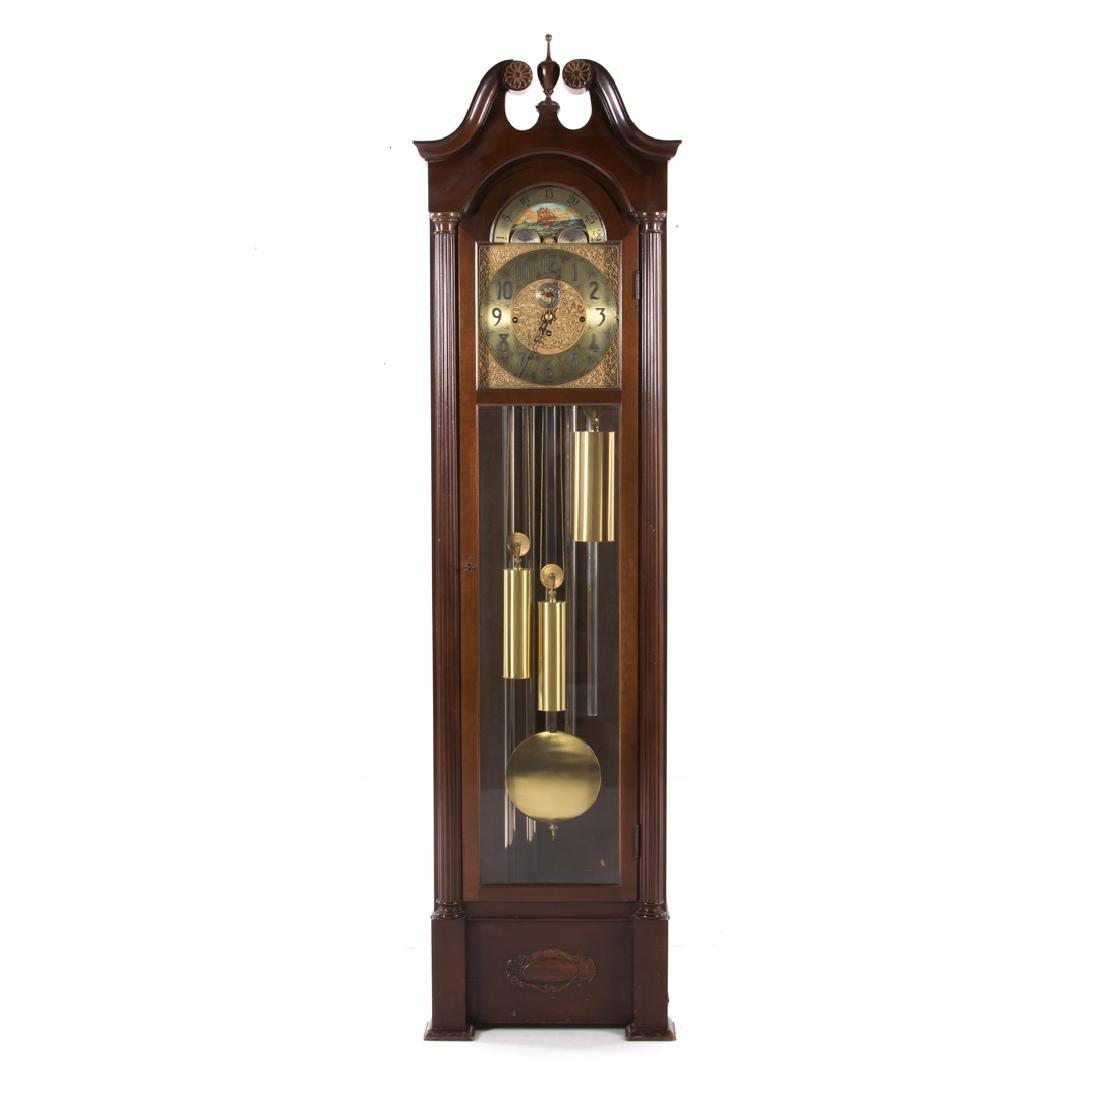 Herschede Classical Revival mahogany tall clock